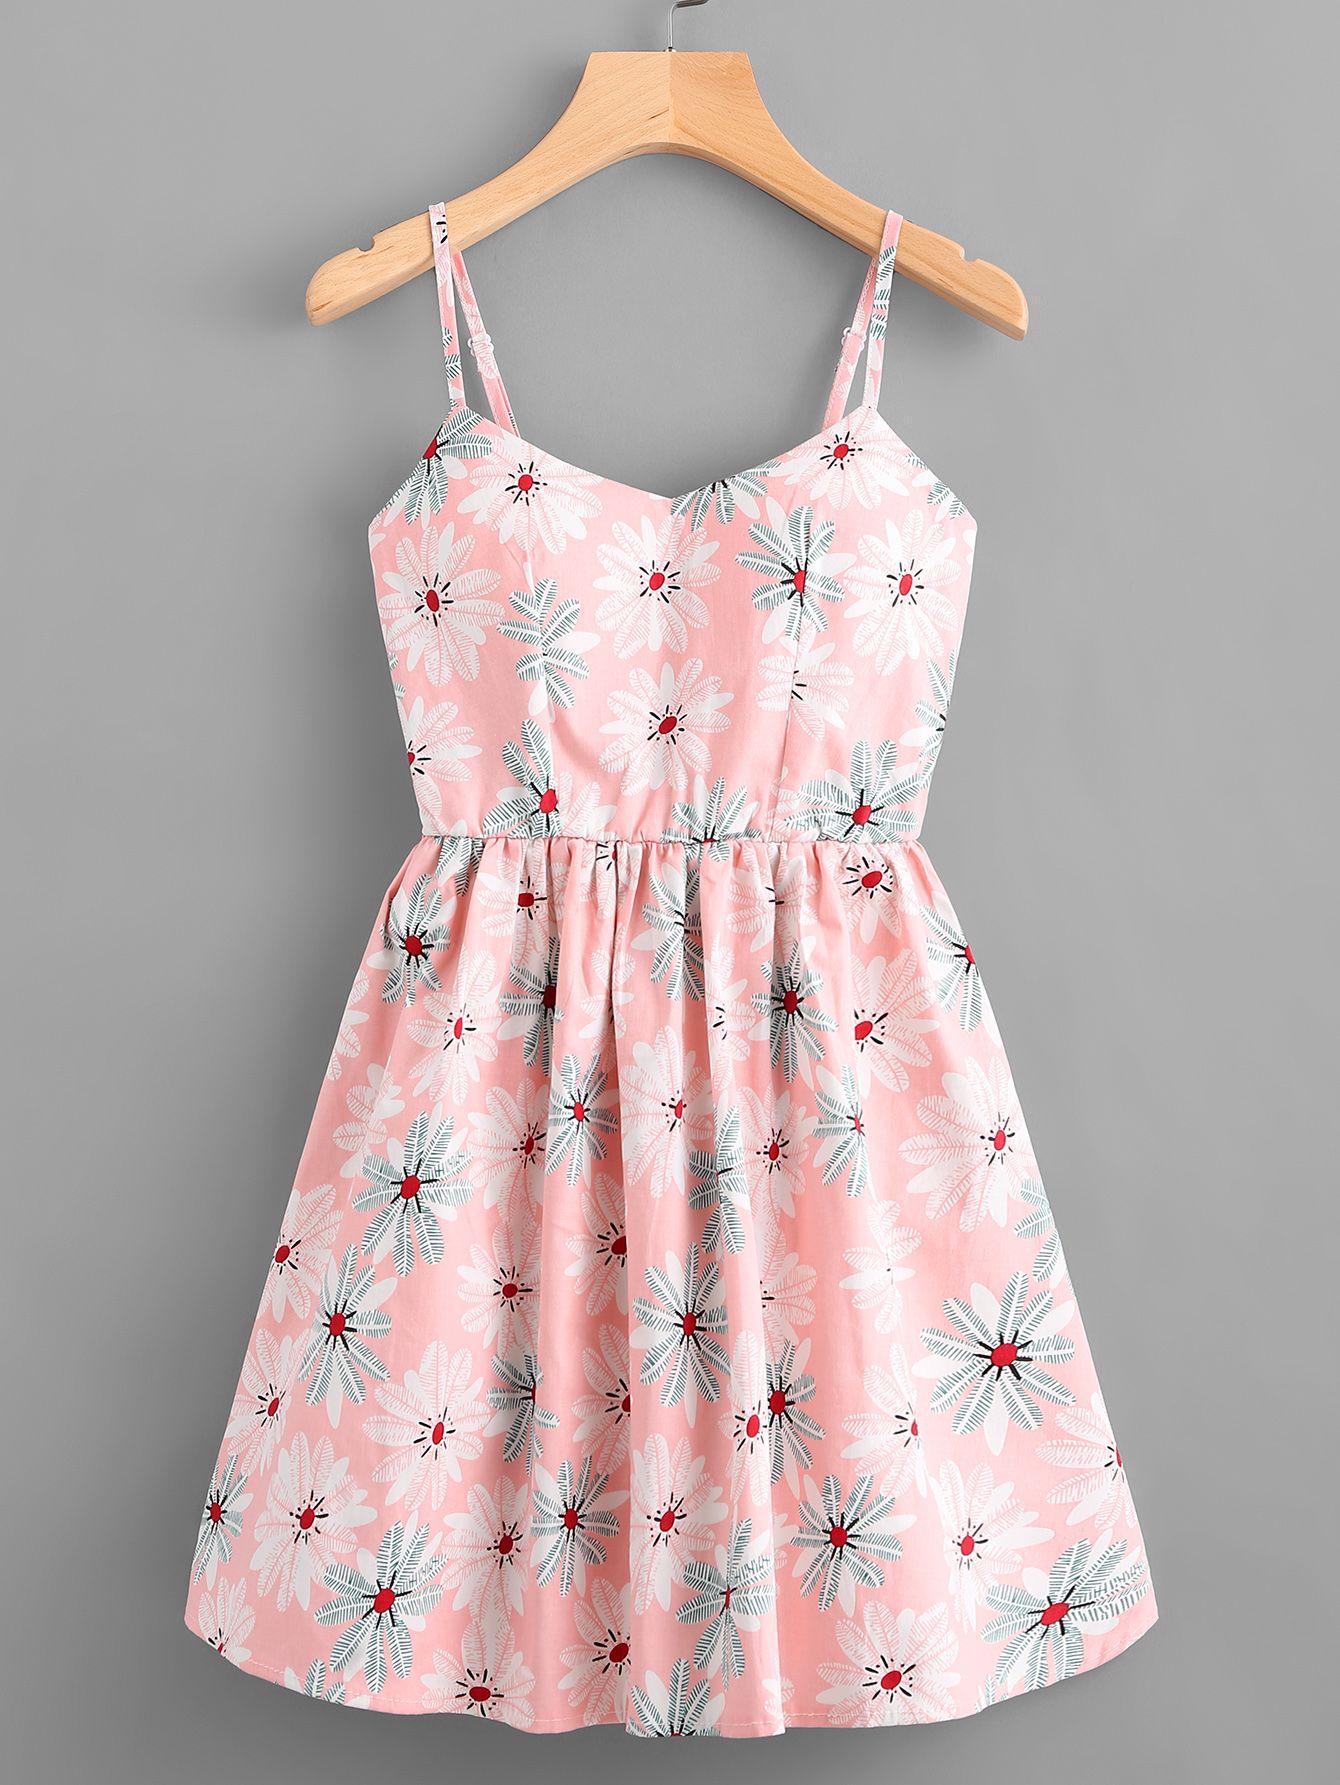 Leaf print random lace up back cami dress i would like these